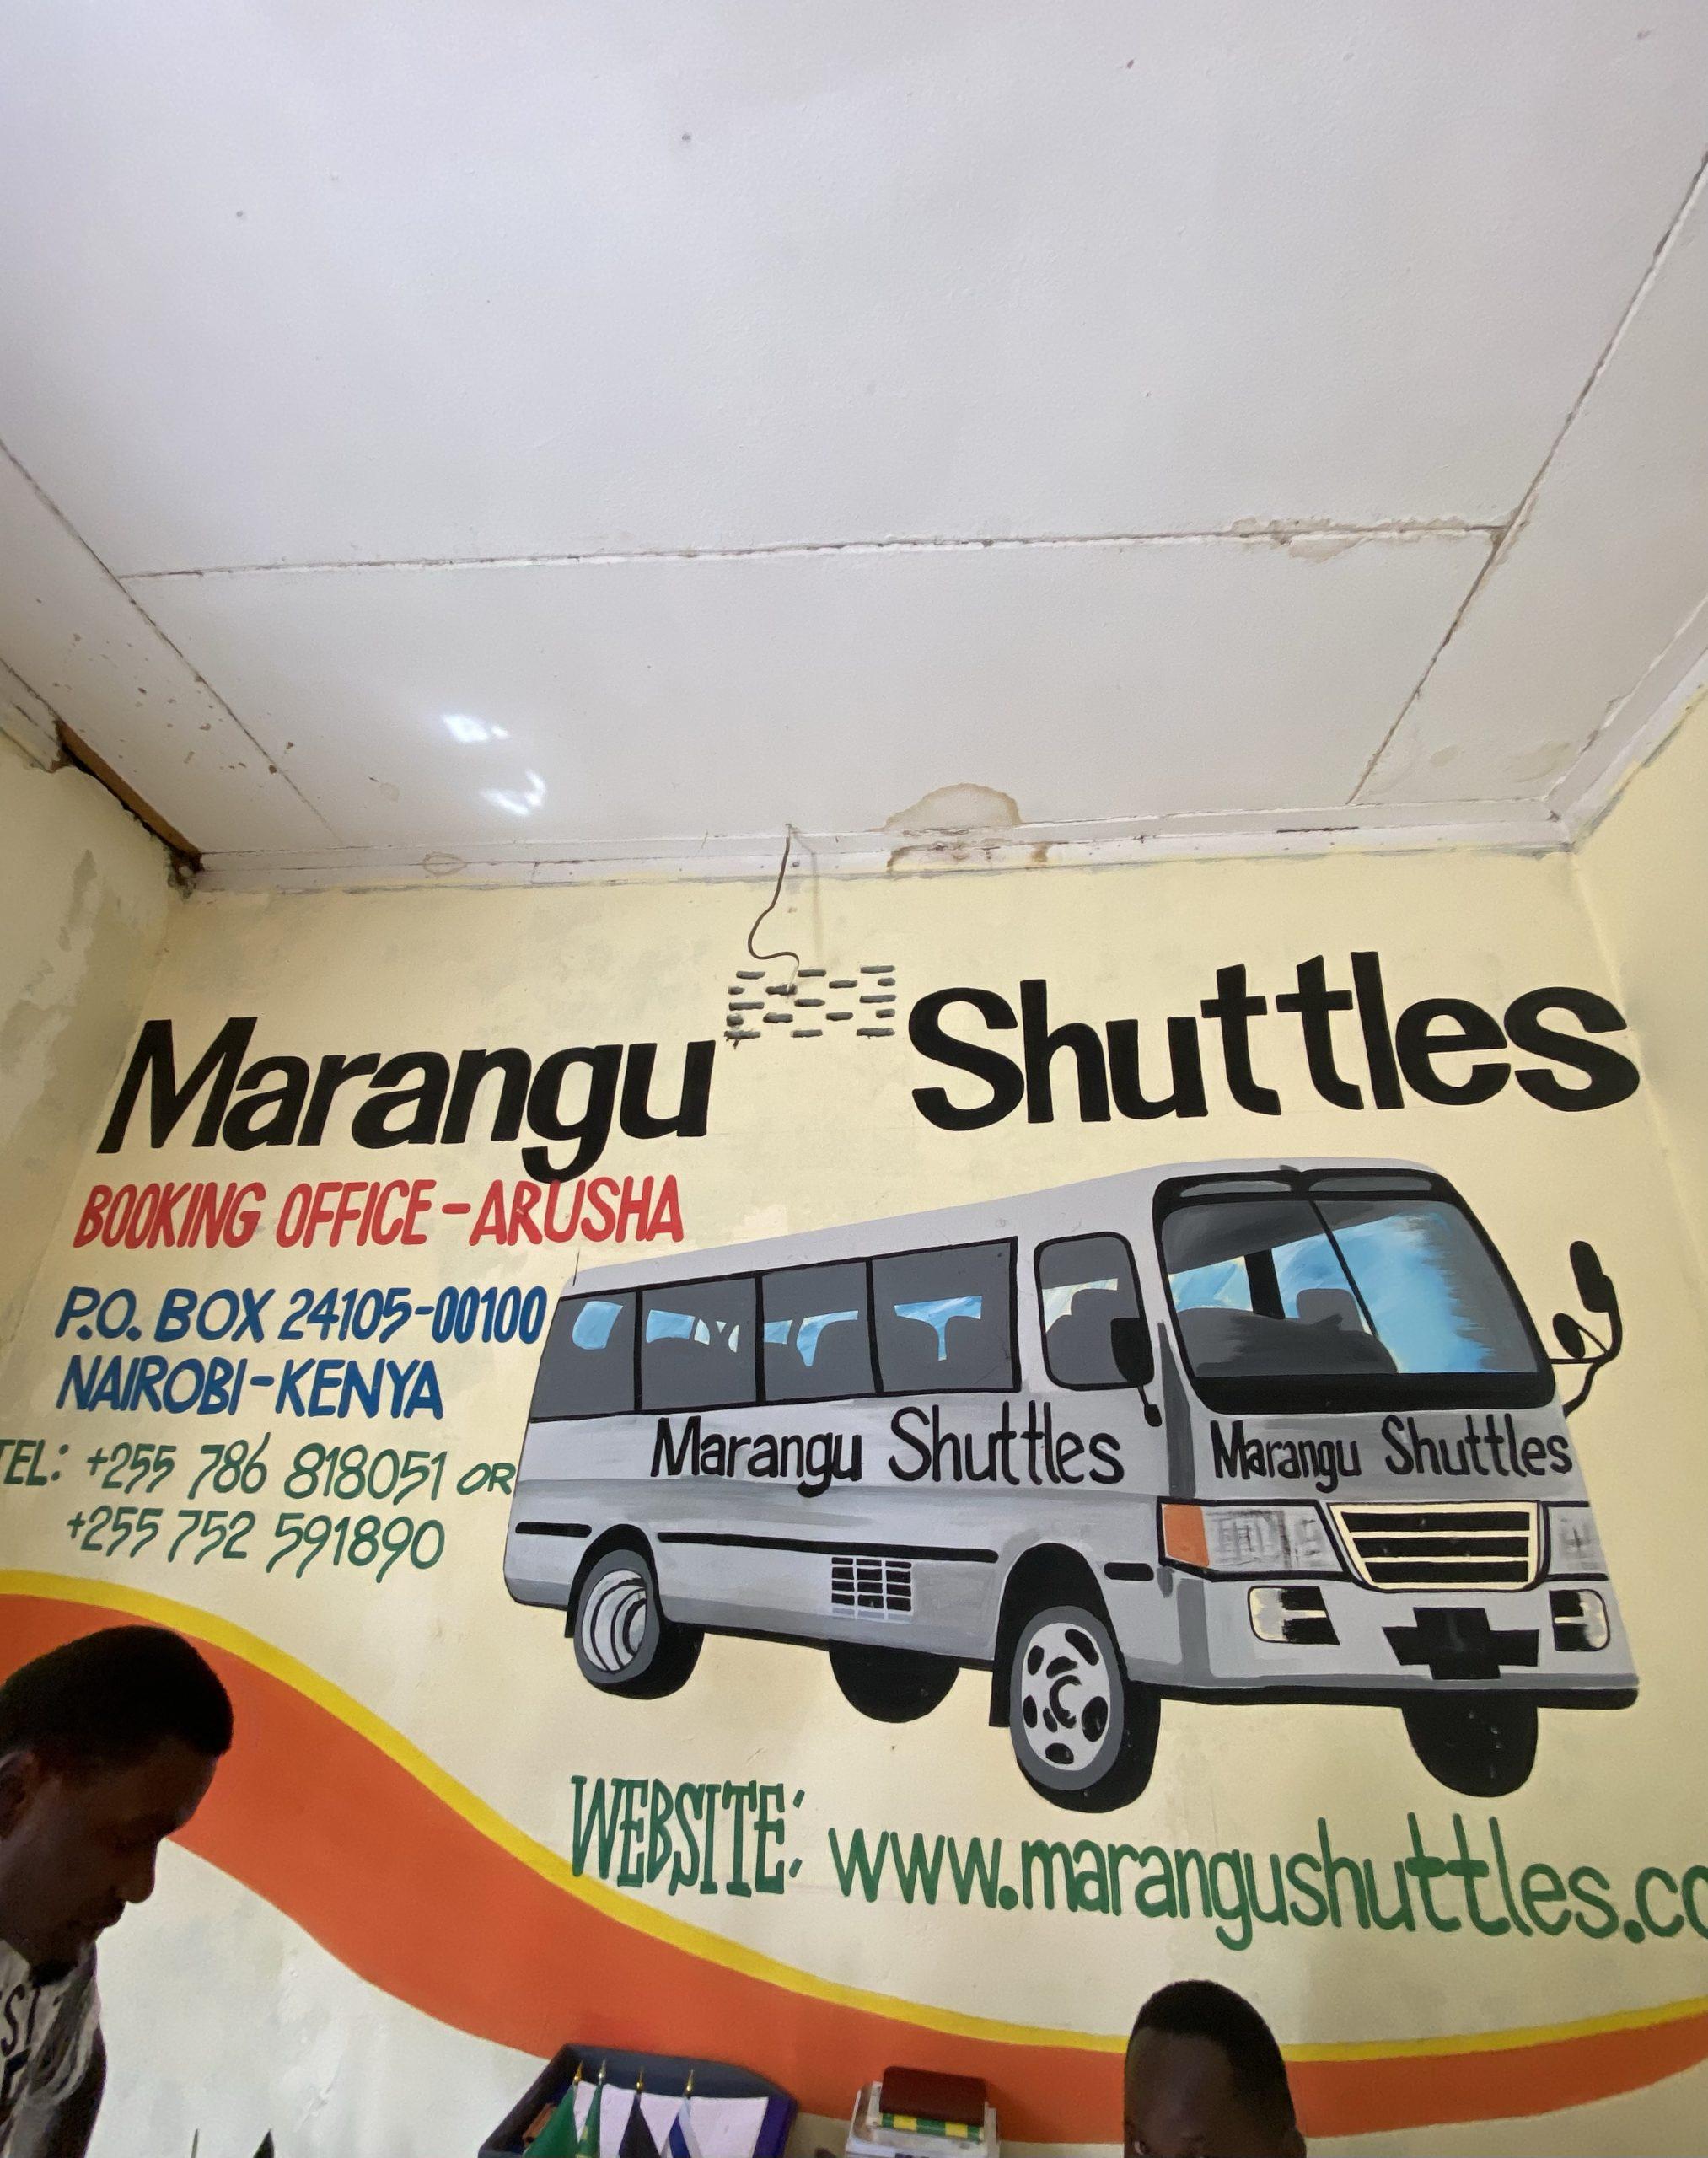 Marangu shuttle bus